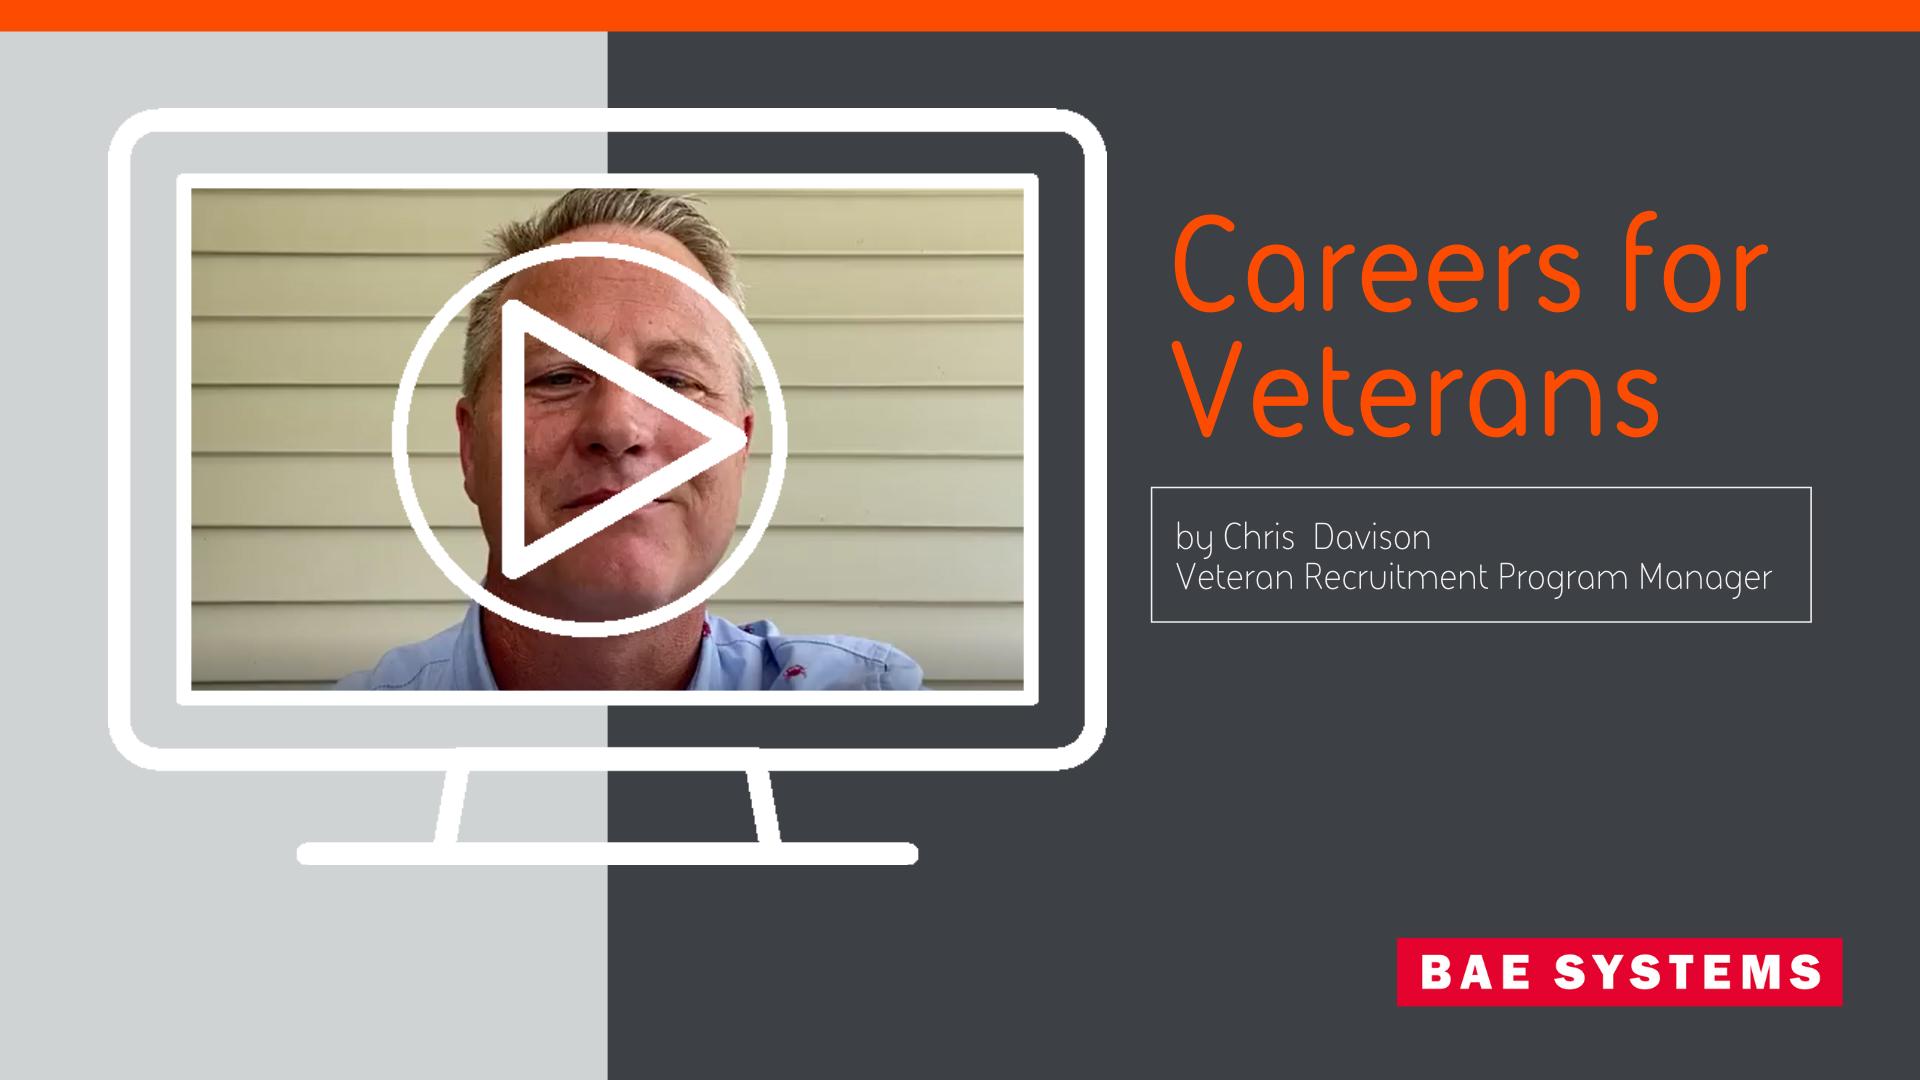 Careers for Veterans by Chris Davison, Veteran Recruitment Program Manager